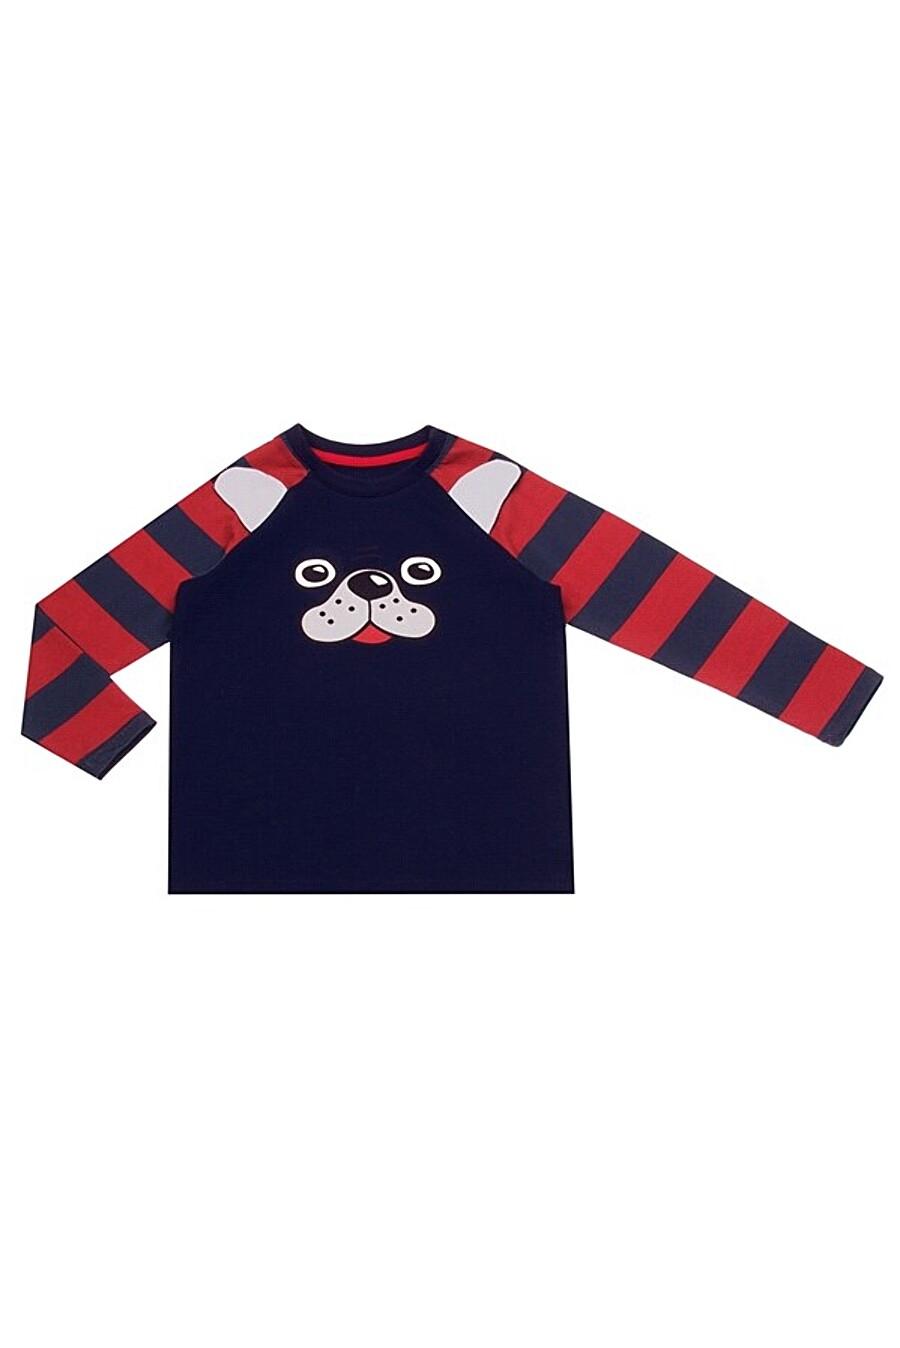 Лонгслив для мальчиков Archi 158481 купить оптом от производителя. Совместная покупка детской одежды в OptMoyo